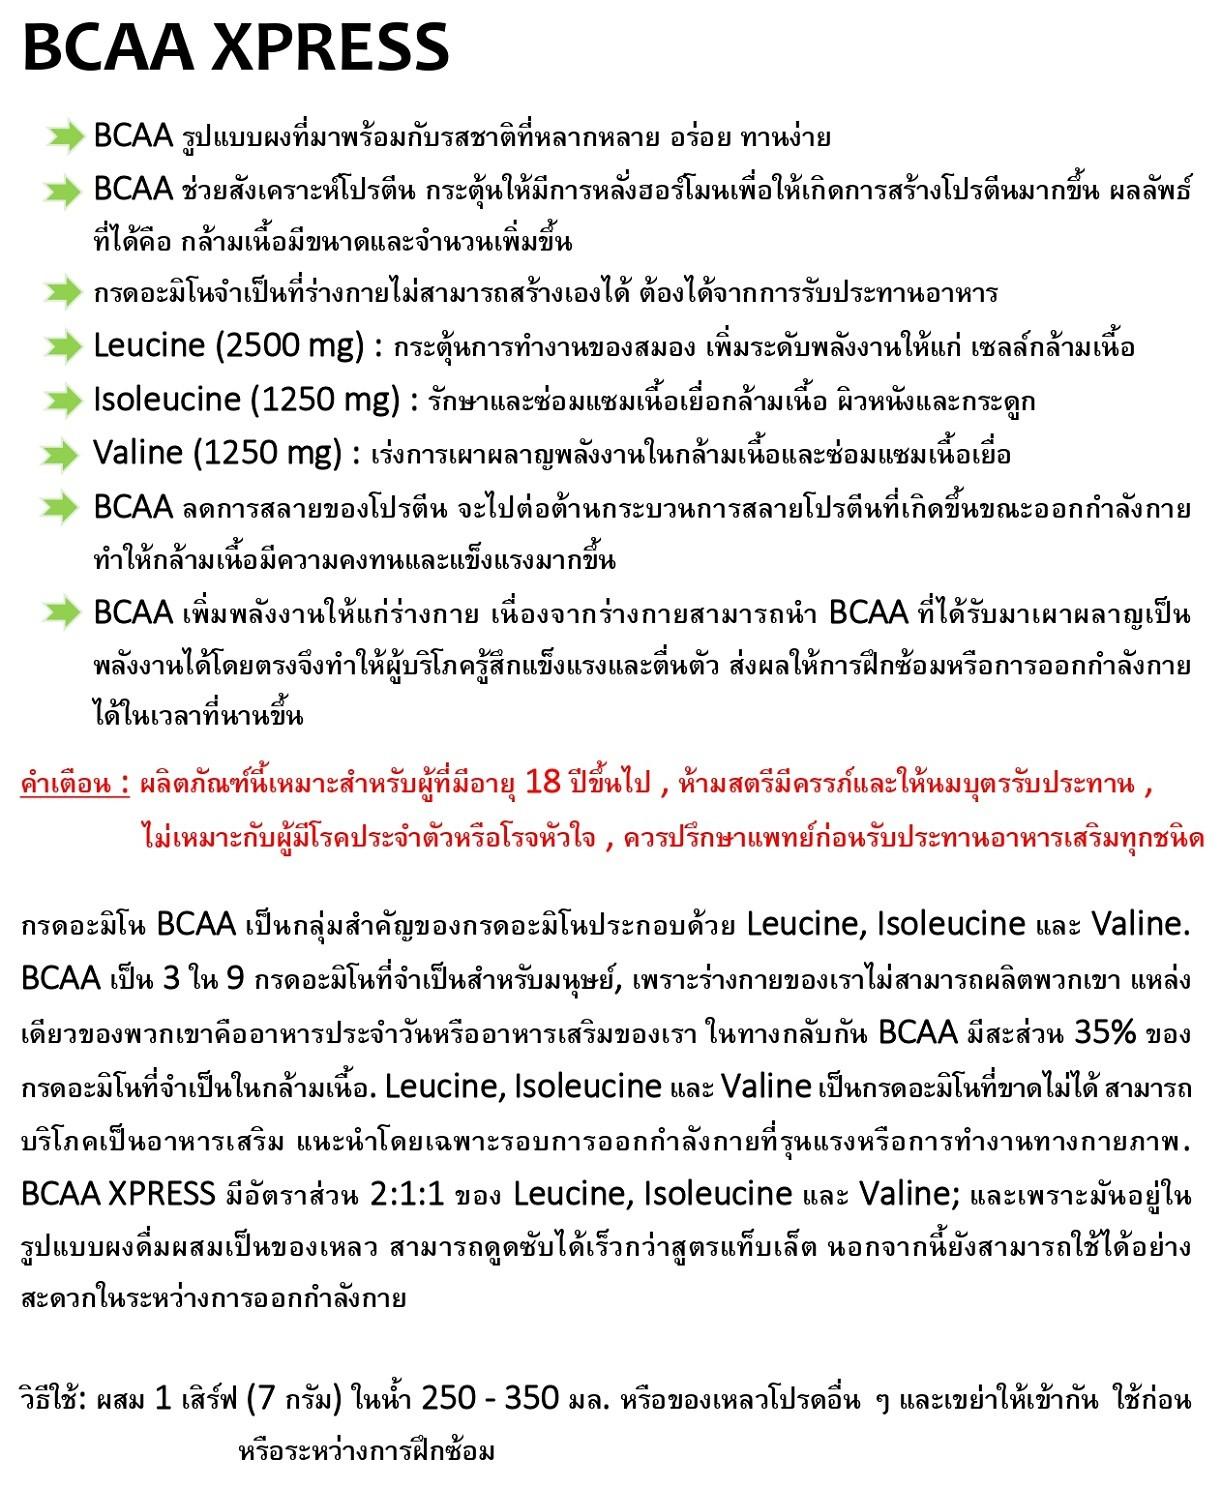 bcaa_page-0001.jpg